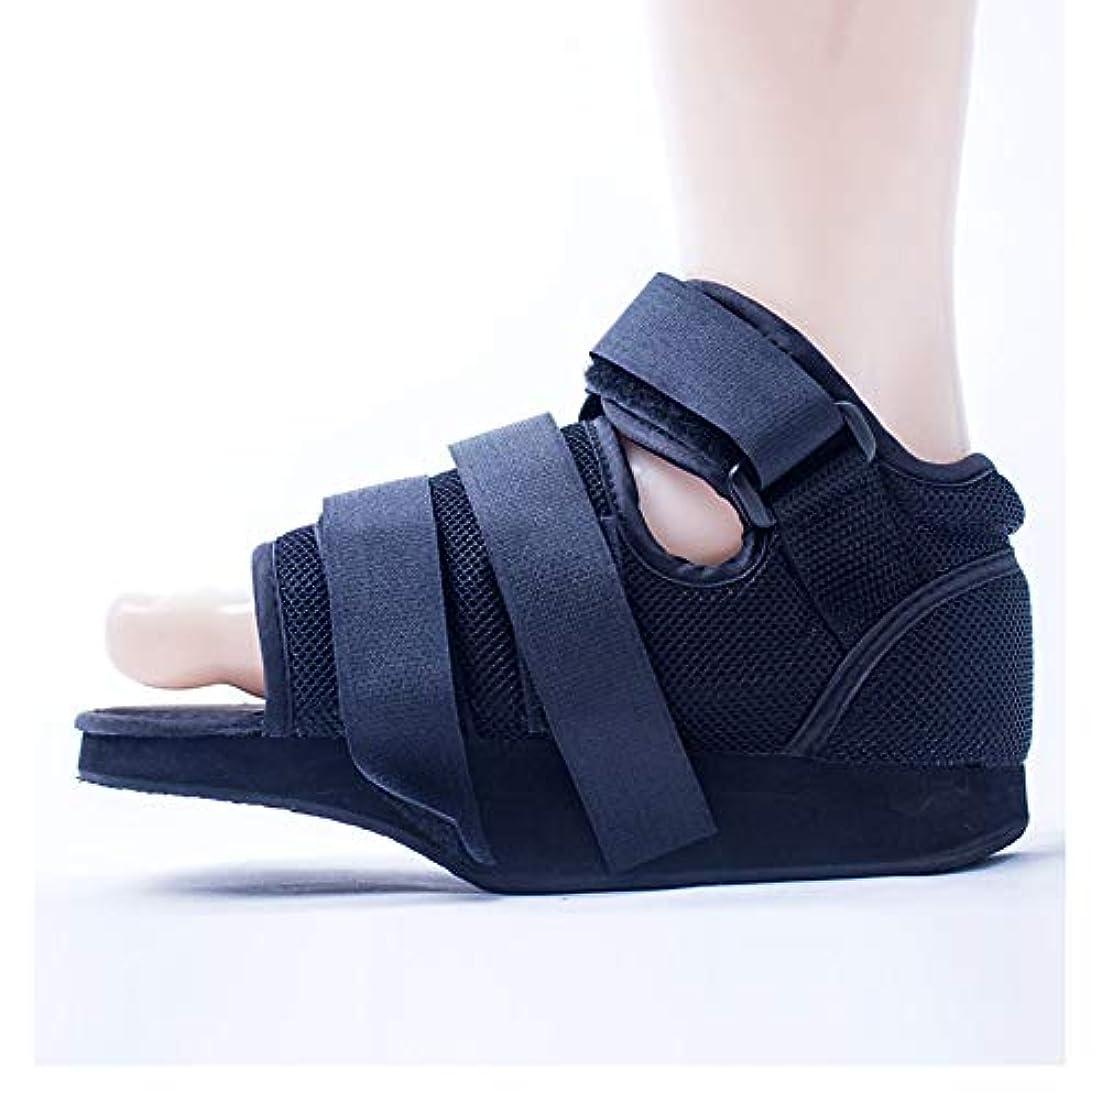 海岸悪性取得壊れたつま先/足の骨折のための術後スクエアトゥウォーキングシューズ - ボトムキャストシューズ術後の靴 - 調節可能な医療ウォーキングブーツ (Size : L)